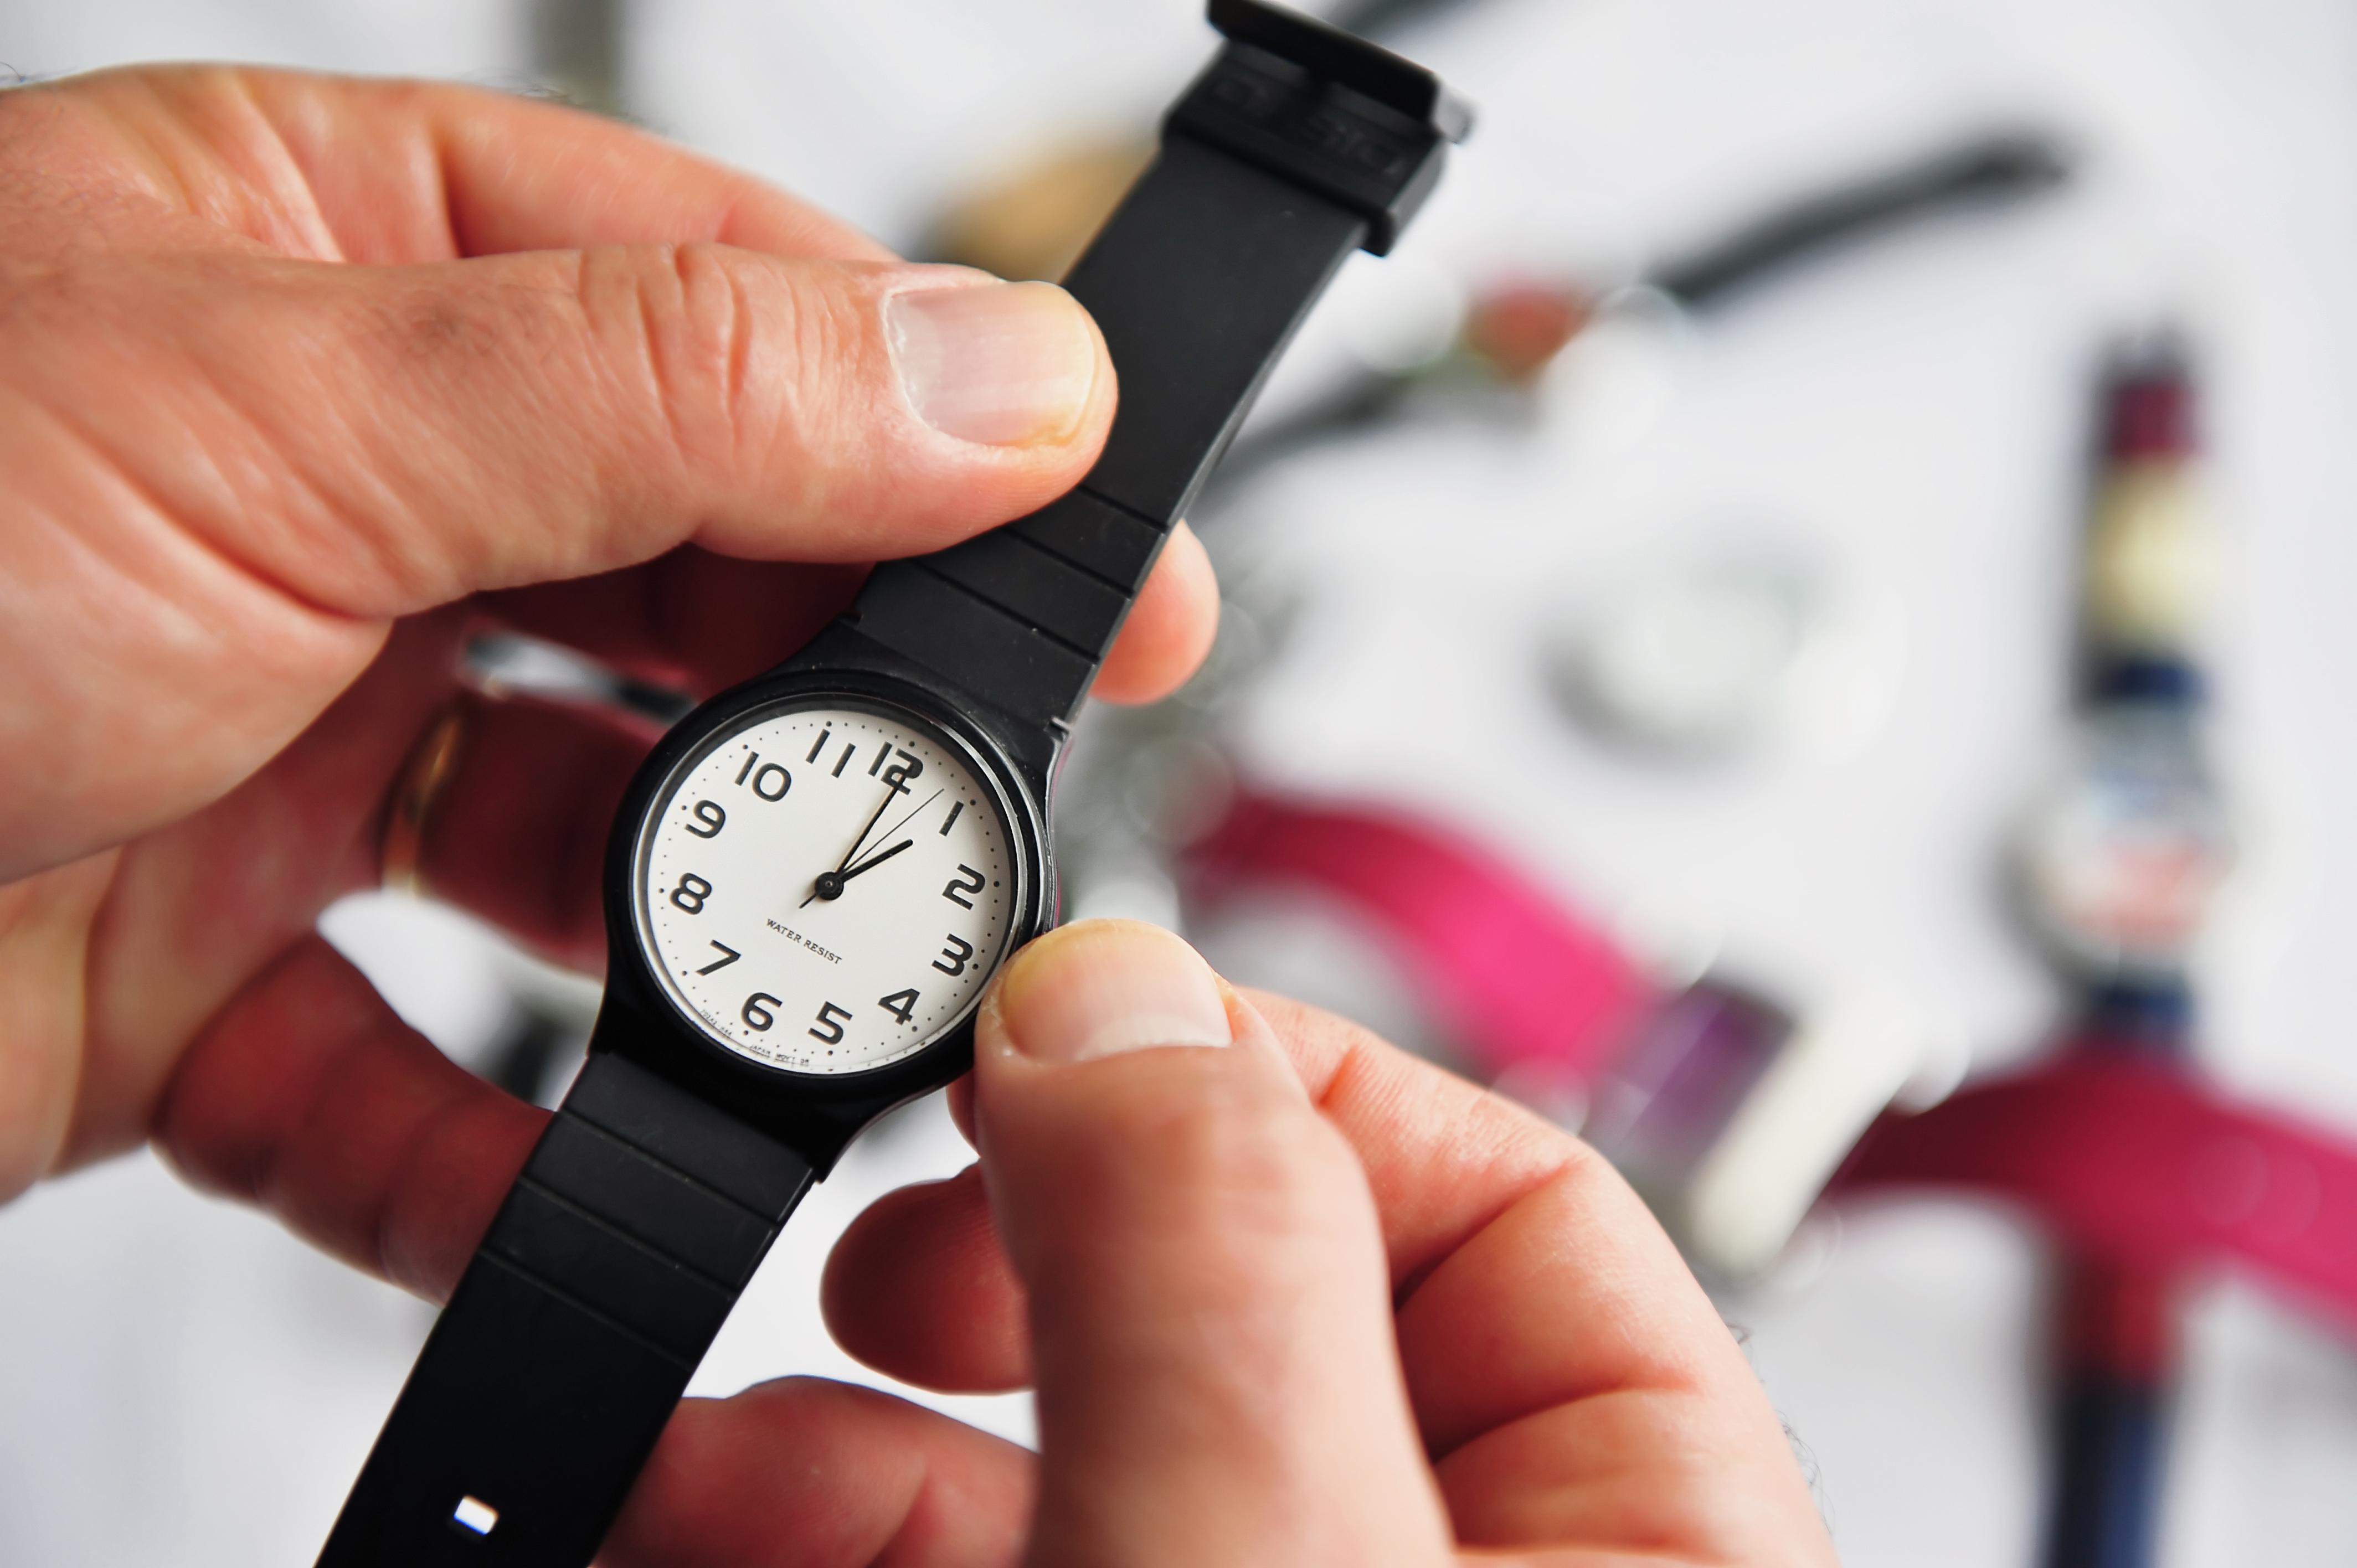 El cambio de horario puede significar la perdida de al menos 40 minutos de sueño